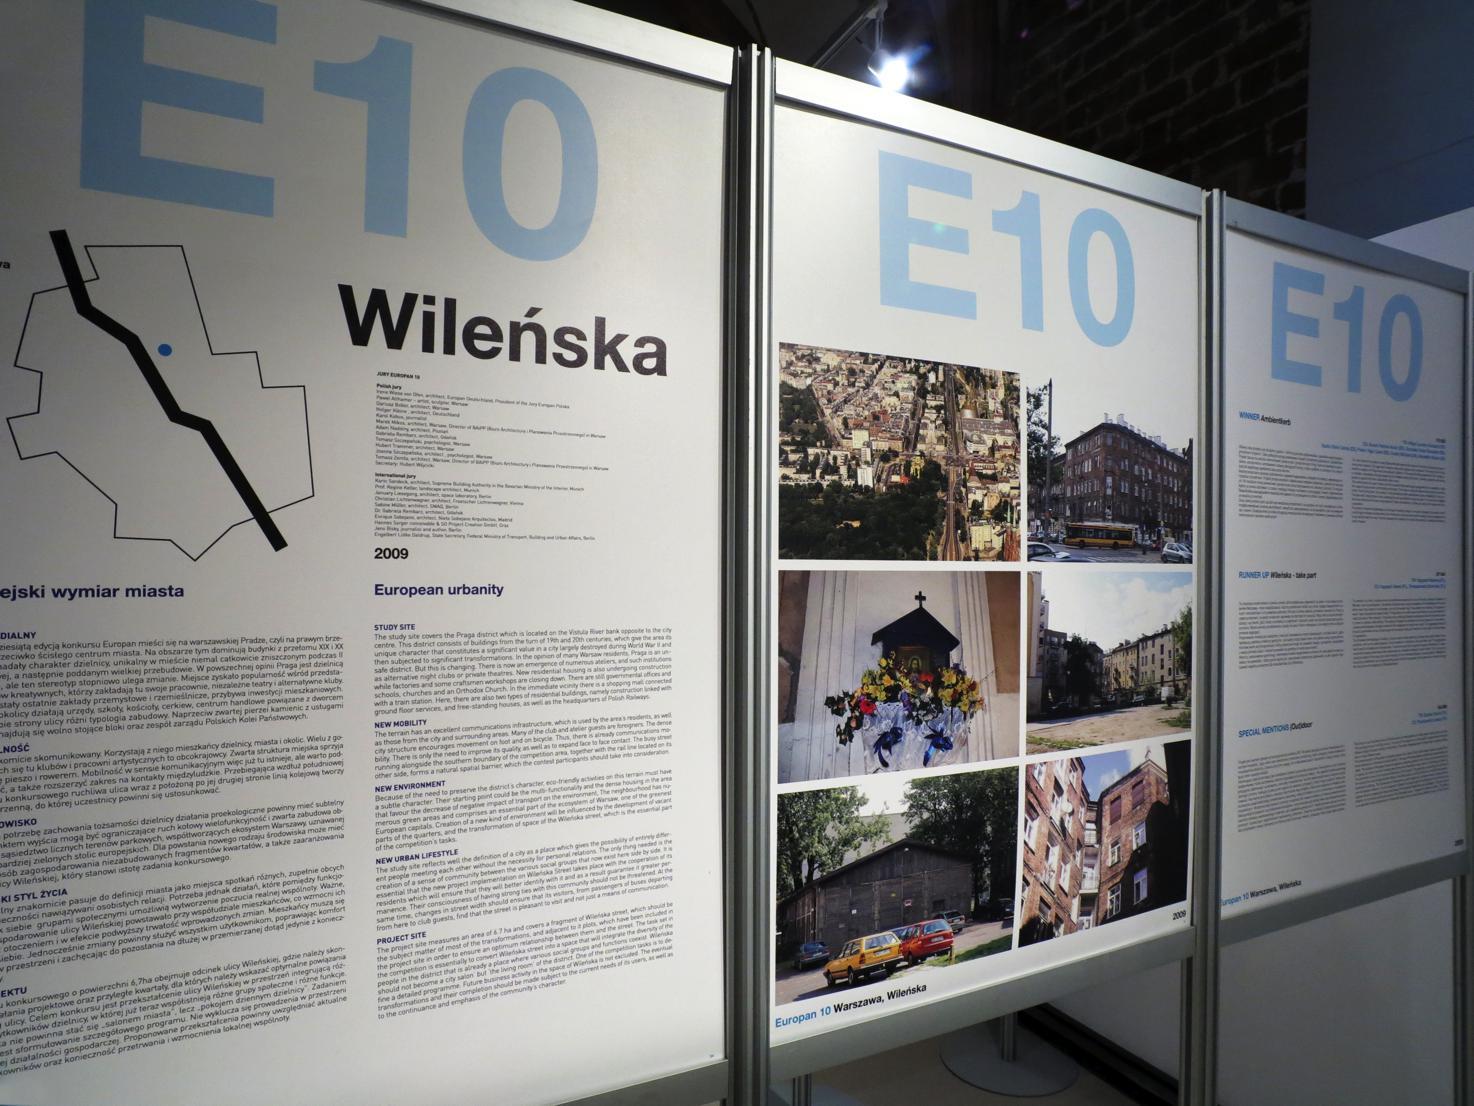 """Widok wystawy """"Europan laboratirum architektury"""", Muzeum Architektury we Wrocławiu (źródło: materiały prasowe organizatora)"""